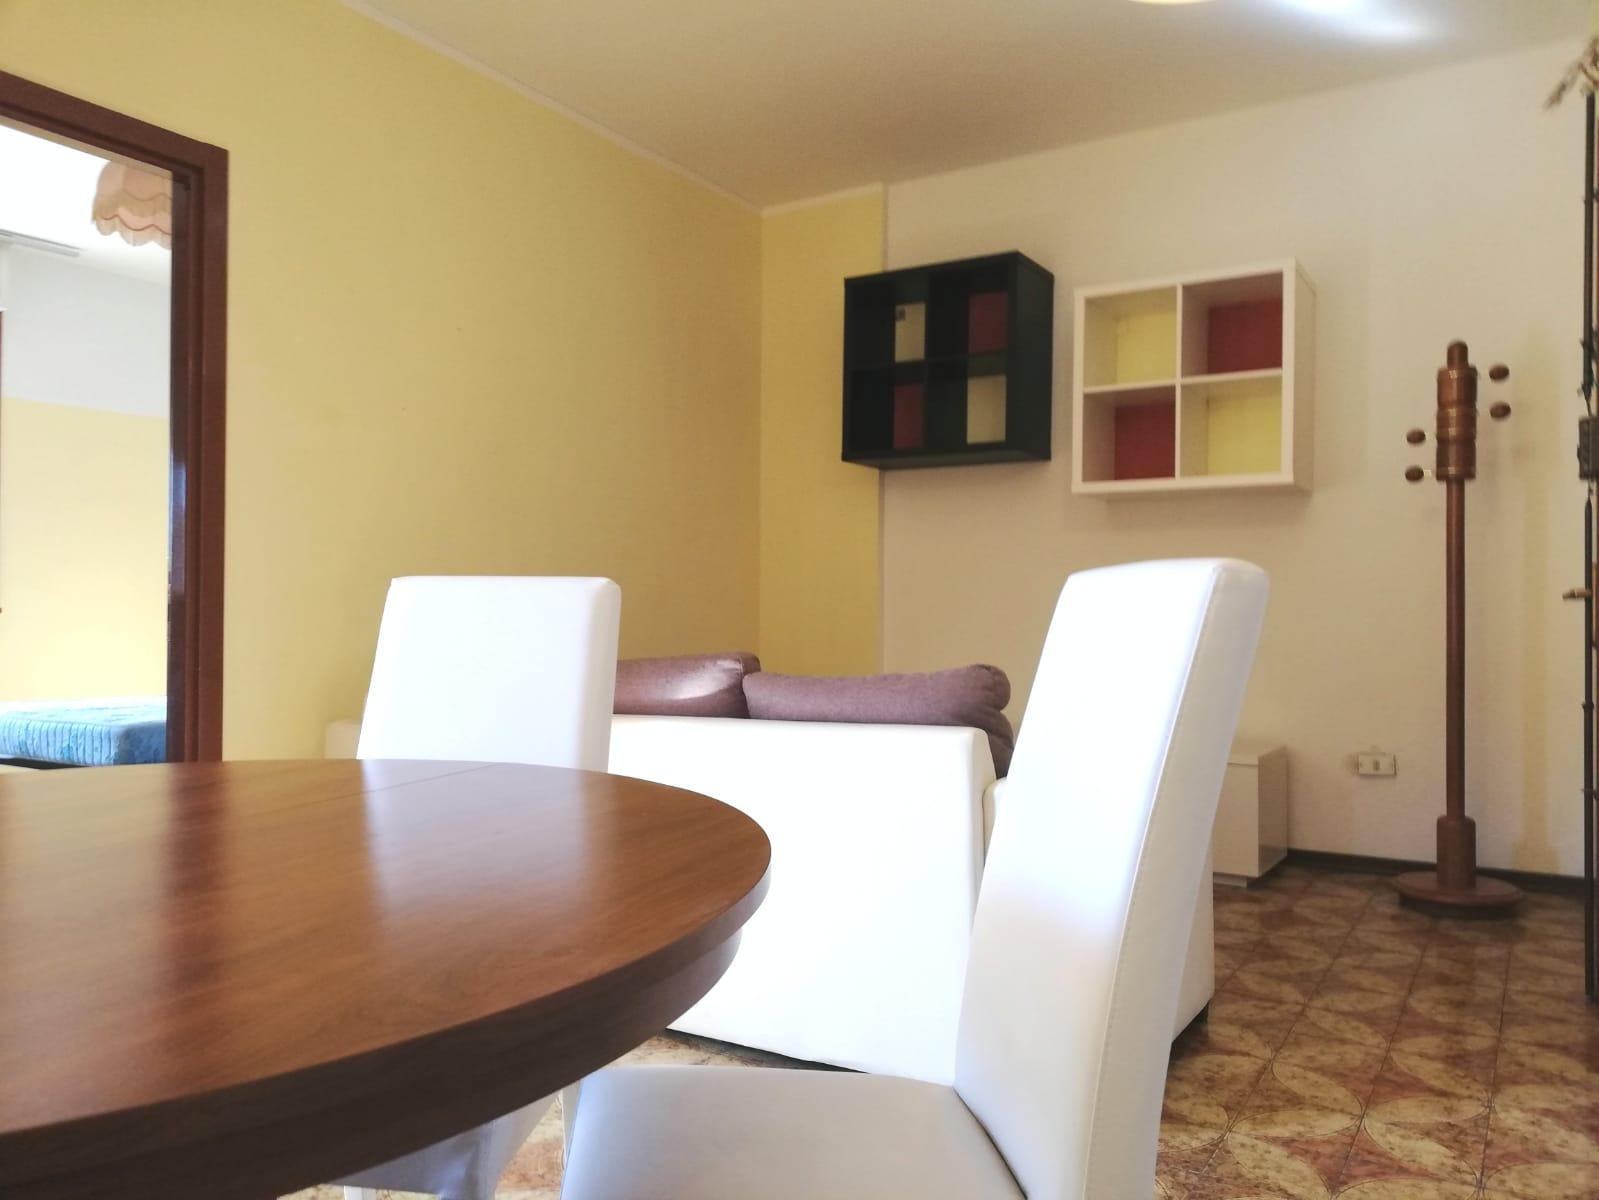 Appartamento in affitto a Pontedera, 2 locali, zona Località: Centro, prezzo € 420   CambioCasa.it